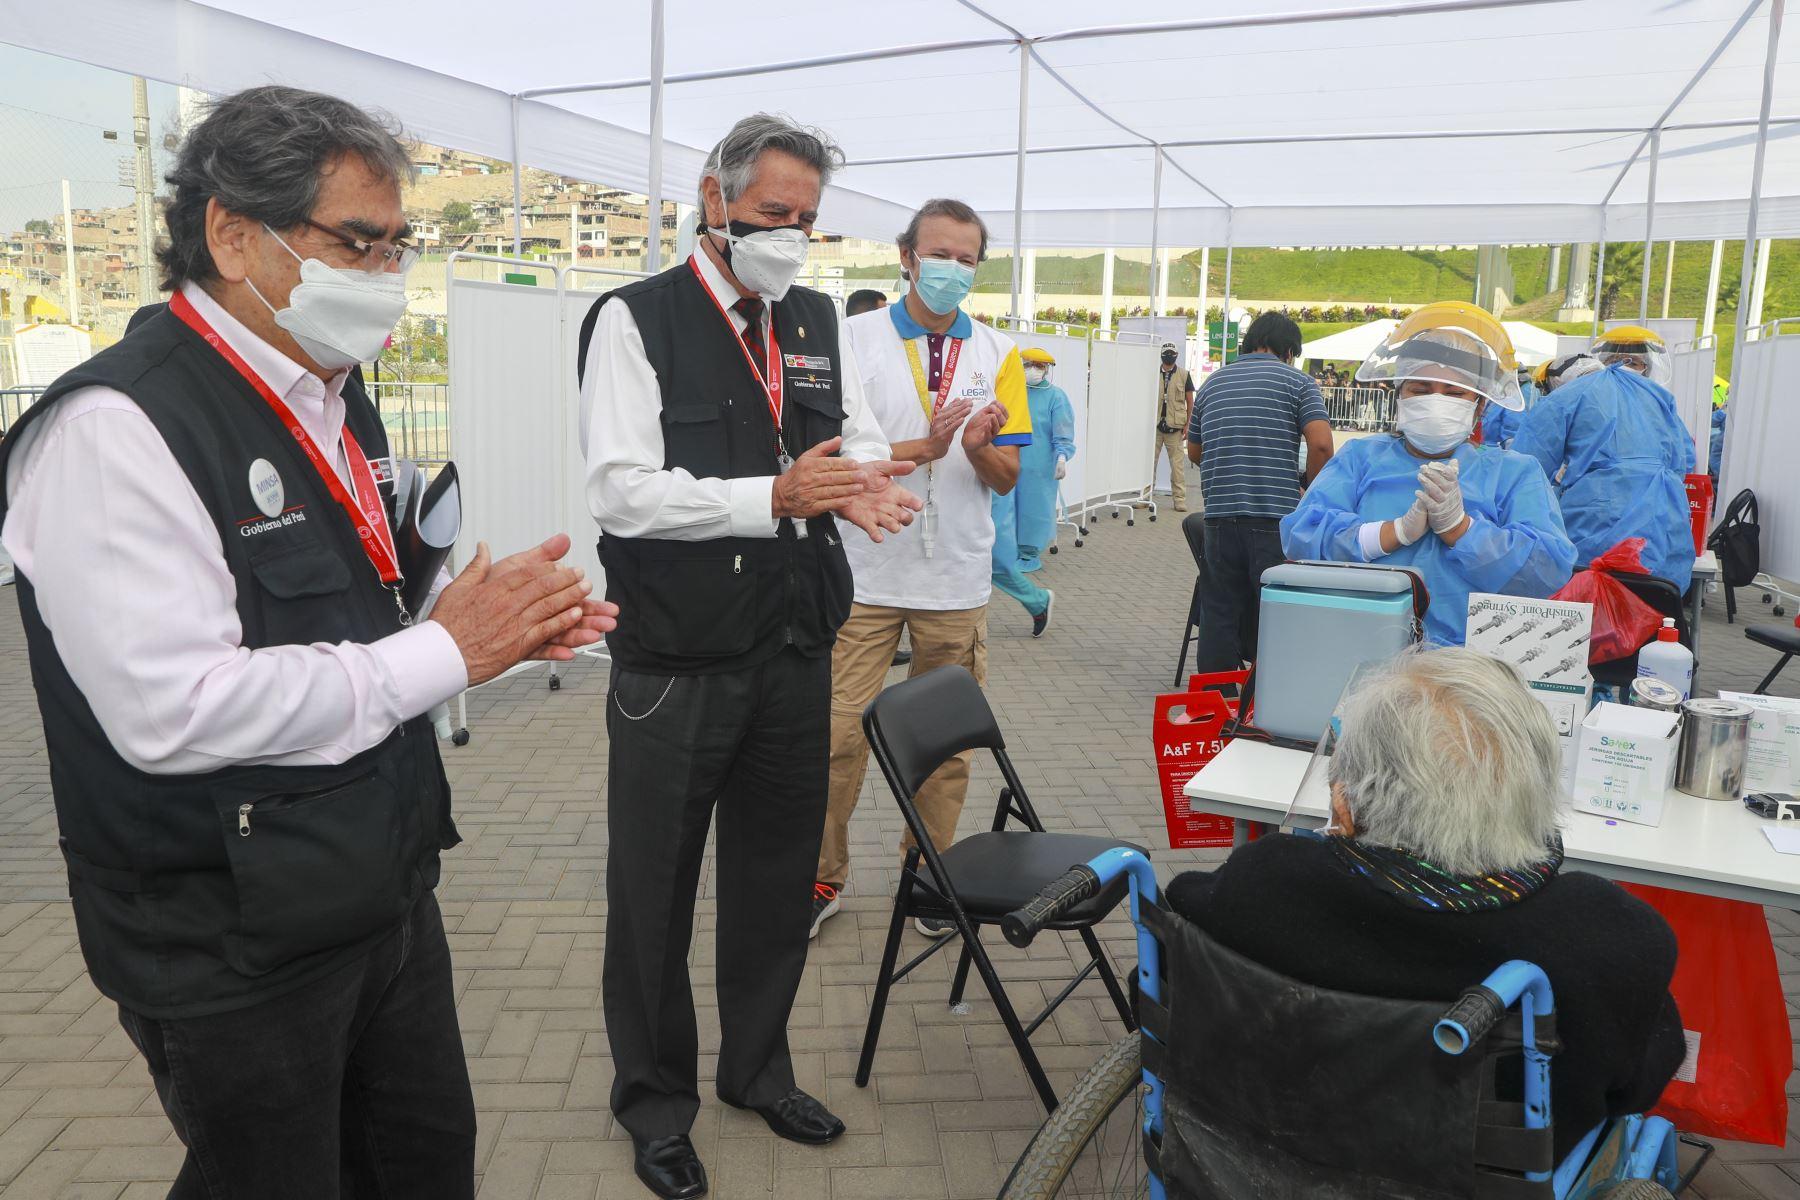 El Presidente de la República, Francisco Sagasti, acompañado del titular del Minsa, Oscar Ugarte y el director ejecutivo del proyecto Legado, Alberto Valenzuela, supervisó el desarrollo de la vacunación de adultos mayores de 80 años en el Complejo Deportivo Andrés Avelino Cáceres. Foto: ANDINA/Presidencia Perú